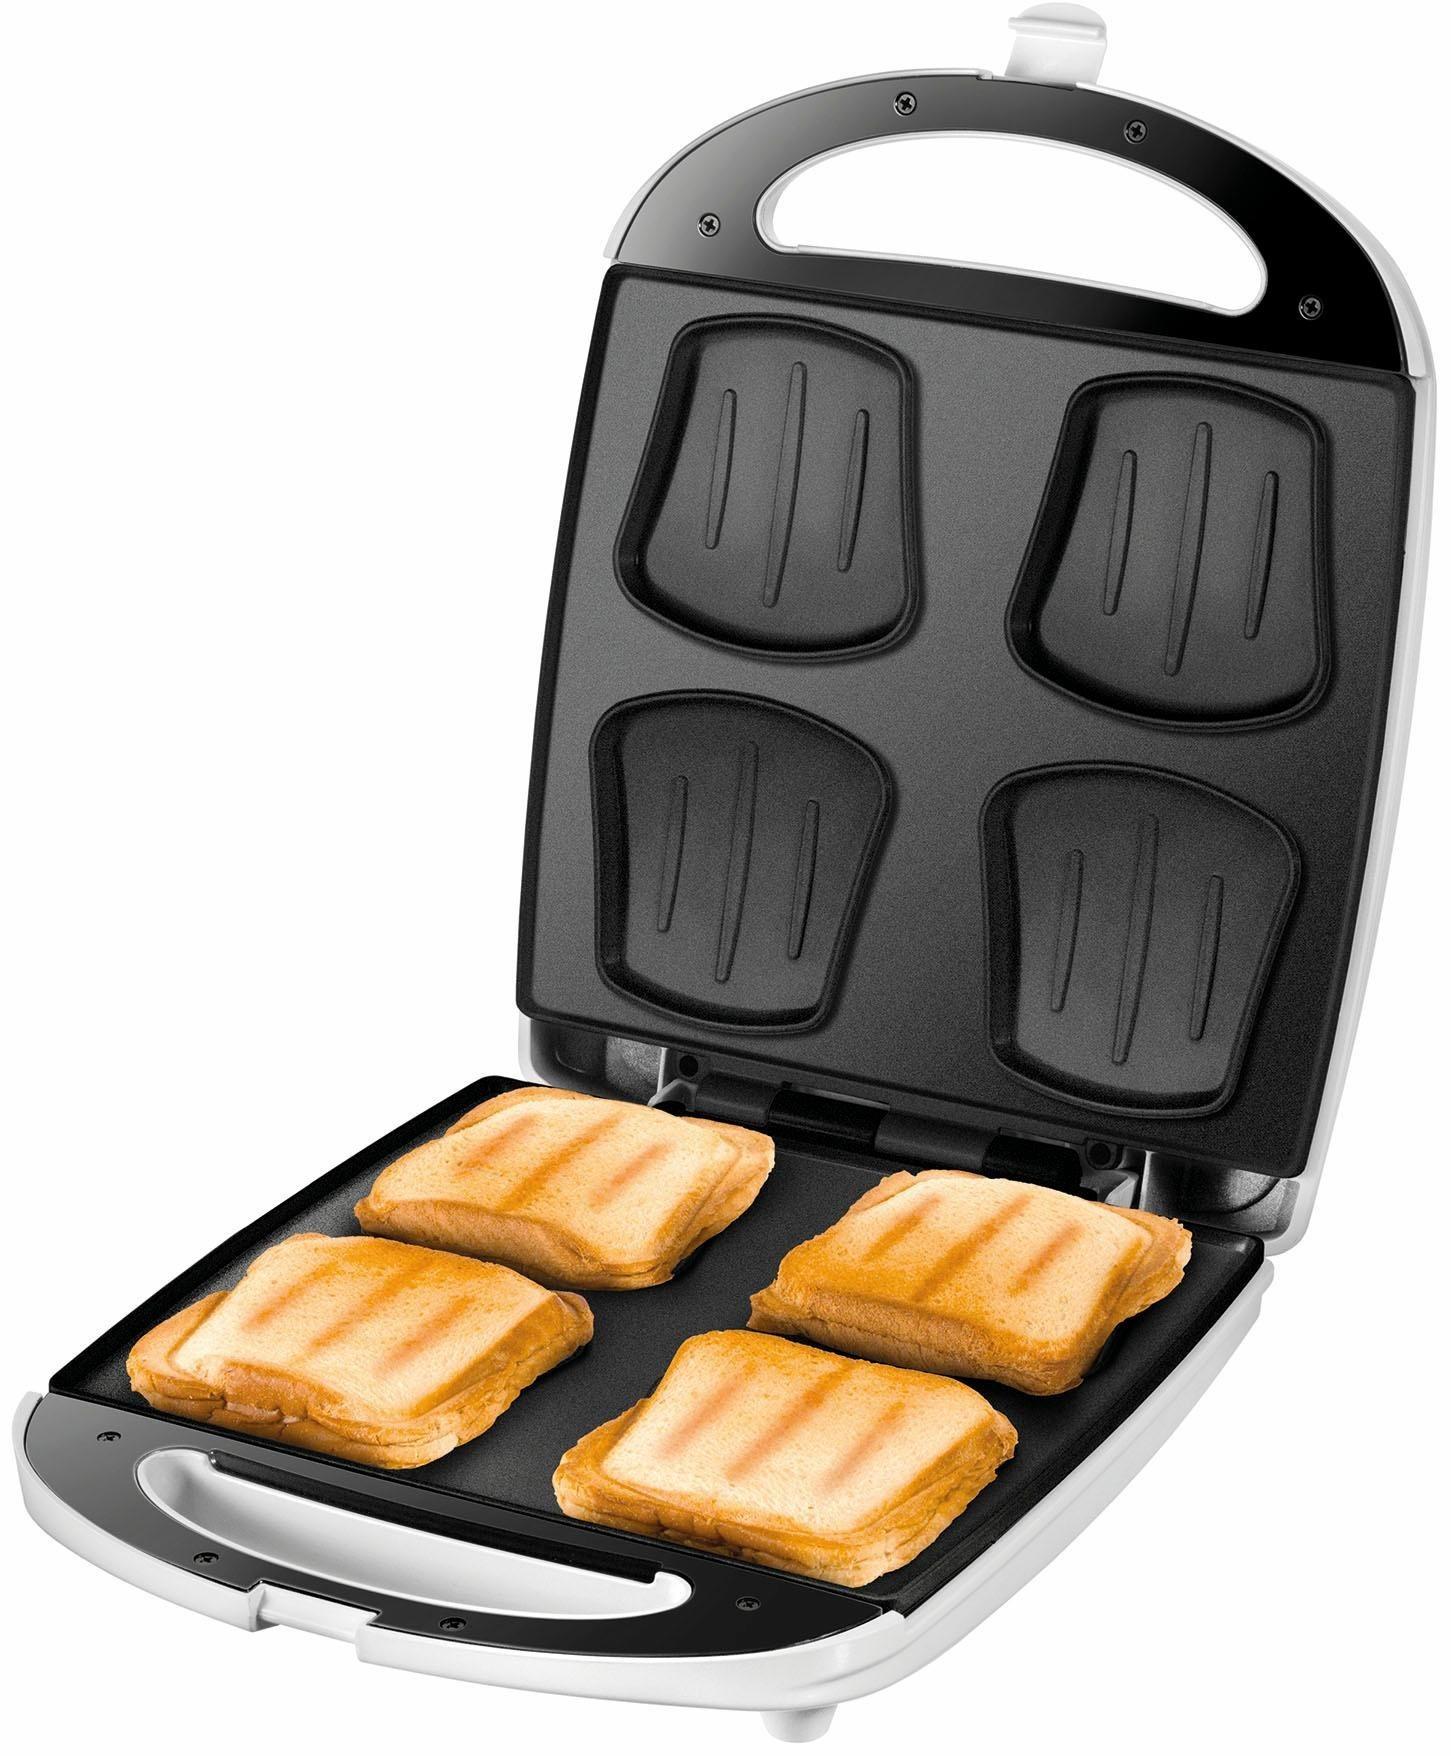 Toaster Quadro 48480, 1100 W